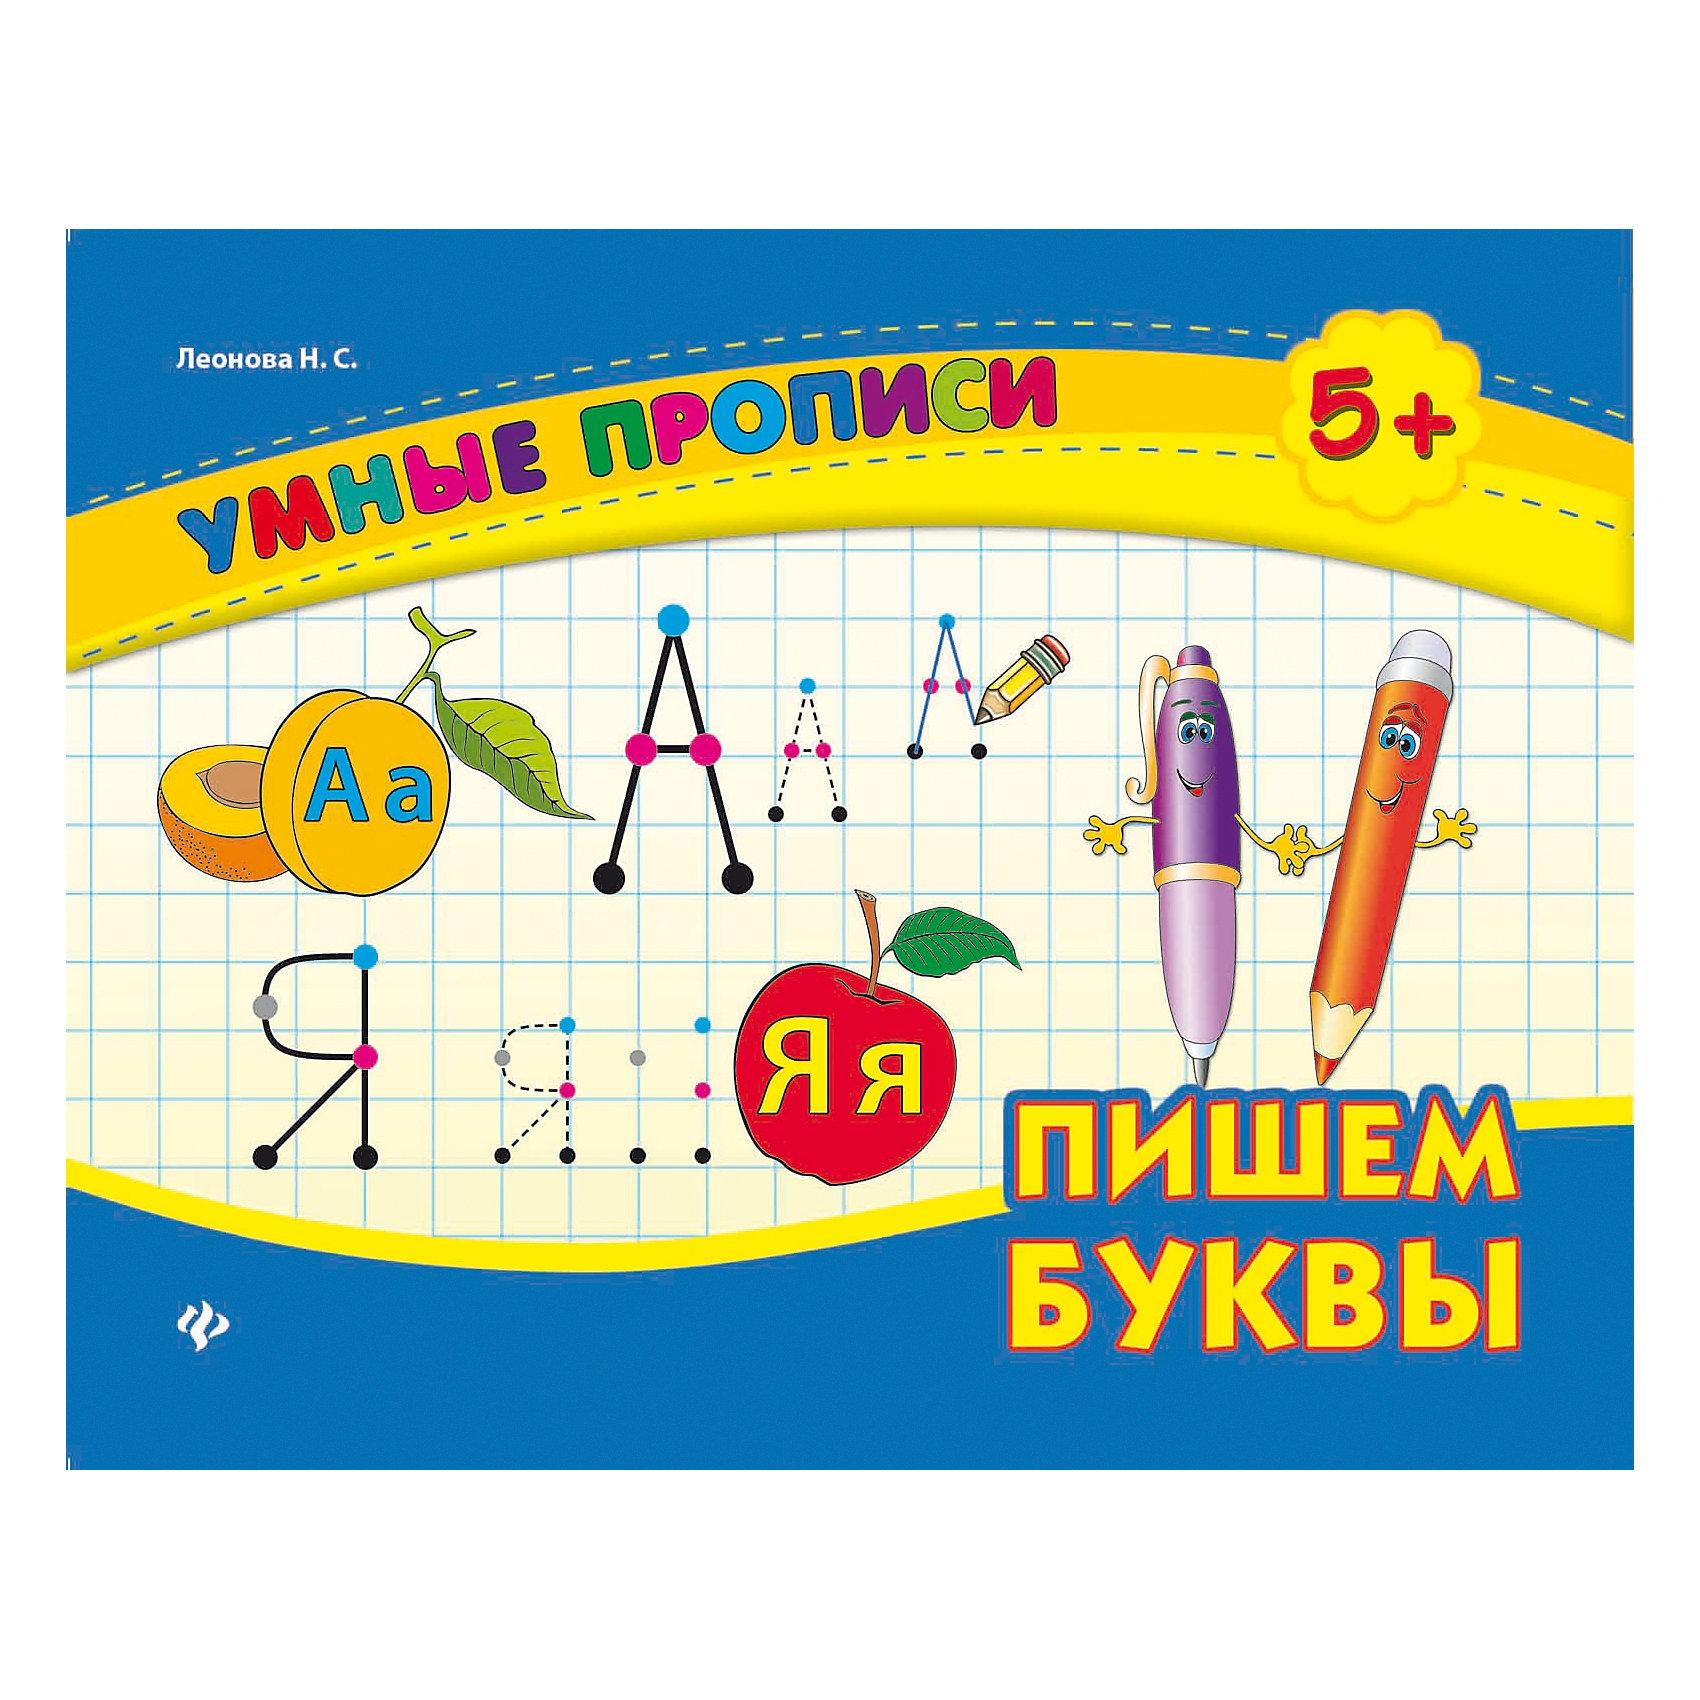 Пишем буквыДанные прописи — это отличная подготовка Вашего малыша к школе, так как с их помощью ребёнок не только научится писать печатные буквы, а и освоит умения вести тетрадь, выполнять различные задания, которые обогатят знания малыша об окружающем мире и поспо<br><br>Ширина мм: 199<br>Глубина мм: 260<br>Высота мм: 2<br>Вес г: 89<br>Возраст от месяцев: 12<br>Возраст до месяцев: 60<br>Пол: Унисекс<br>Возраст: Детский<br>SKU: 5120086